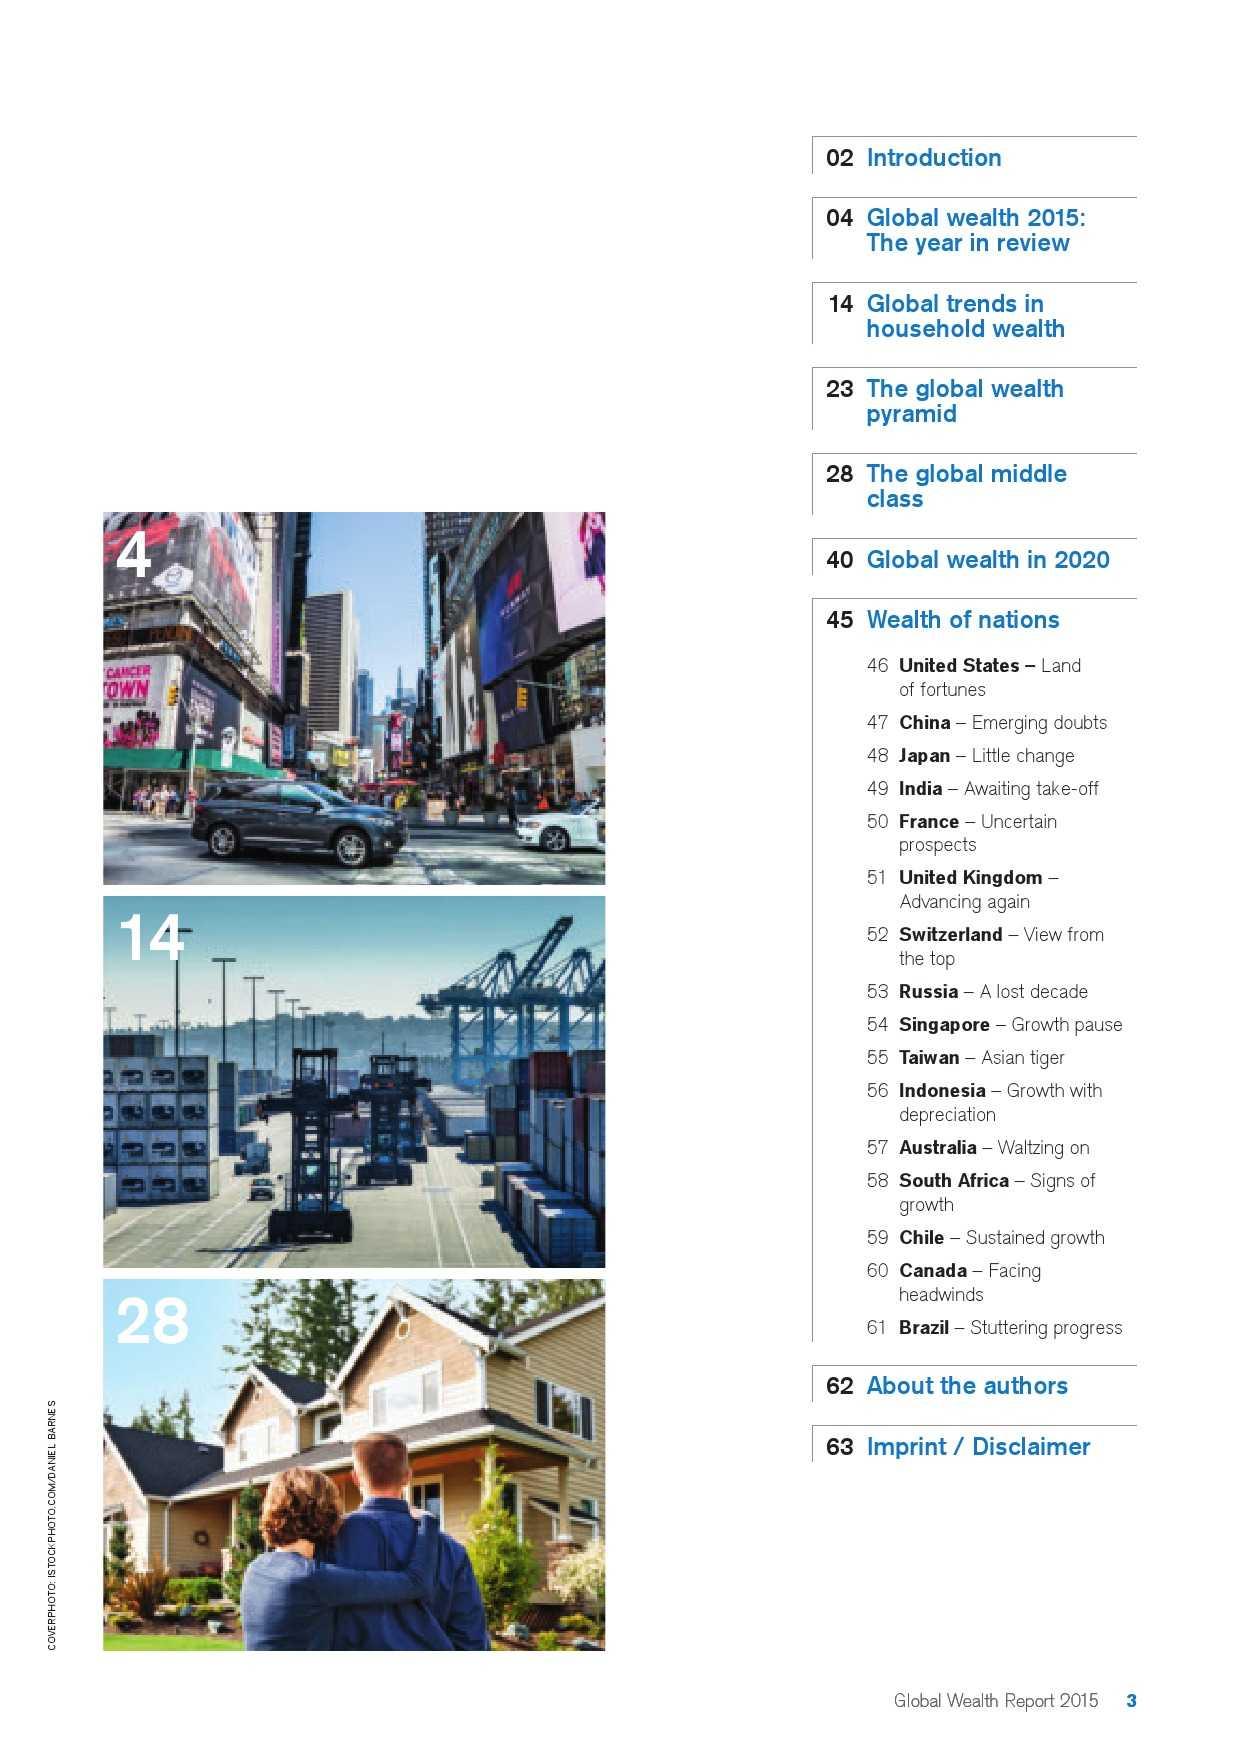 瑞士信贷:2015年全球财富报告_000003